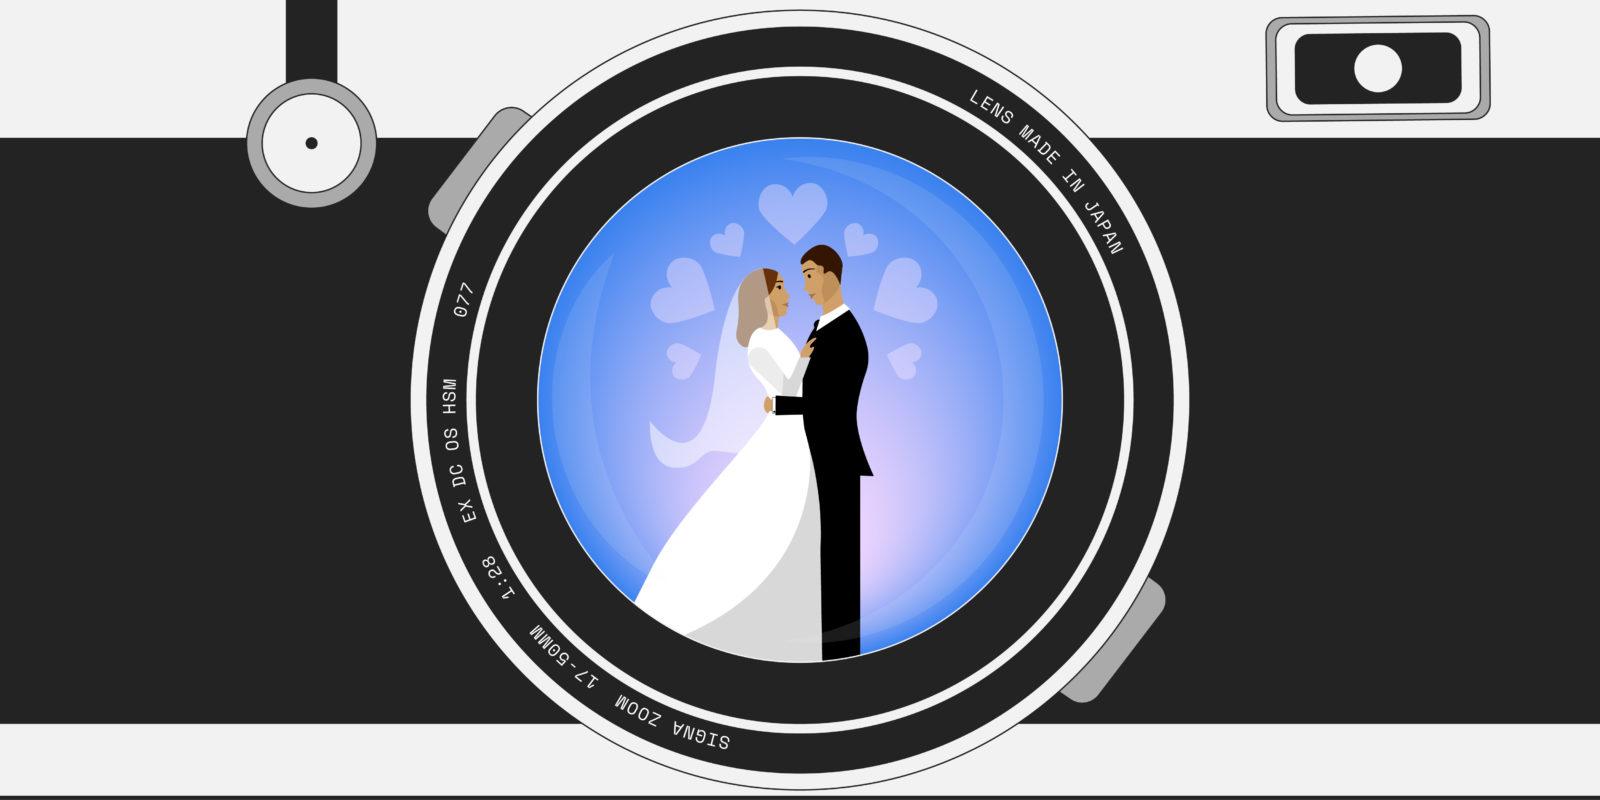 En moyenne, les Français prévoient 11 % du budget total de leur mariage pour le photographe